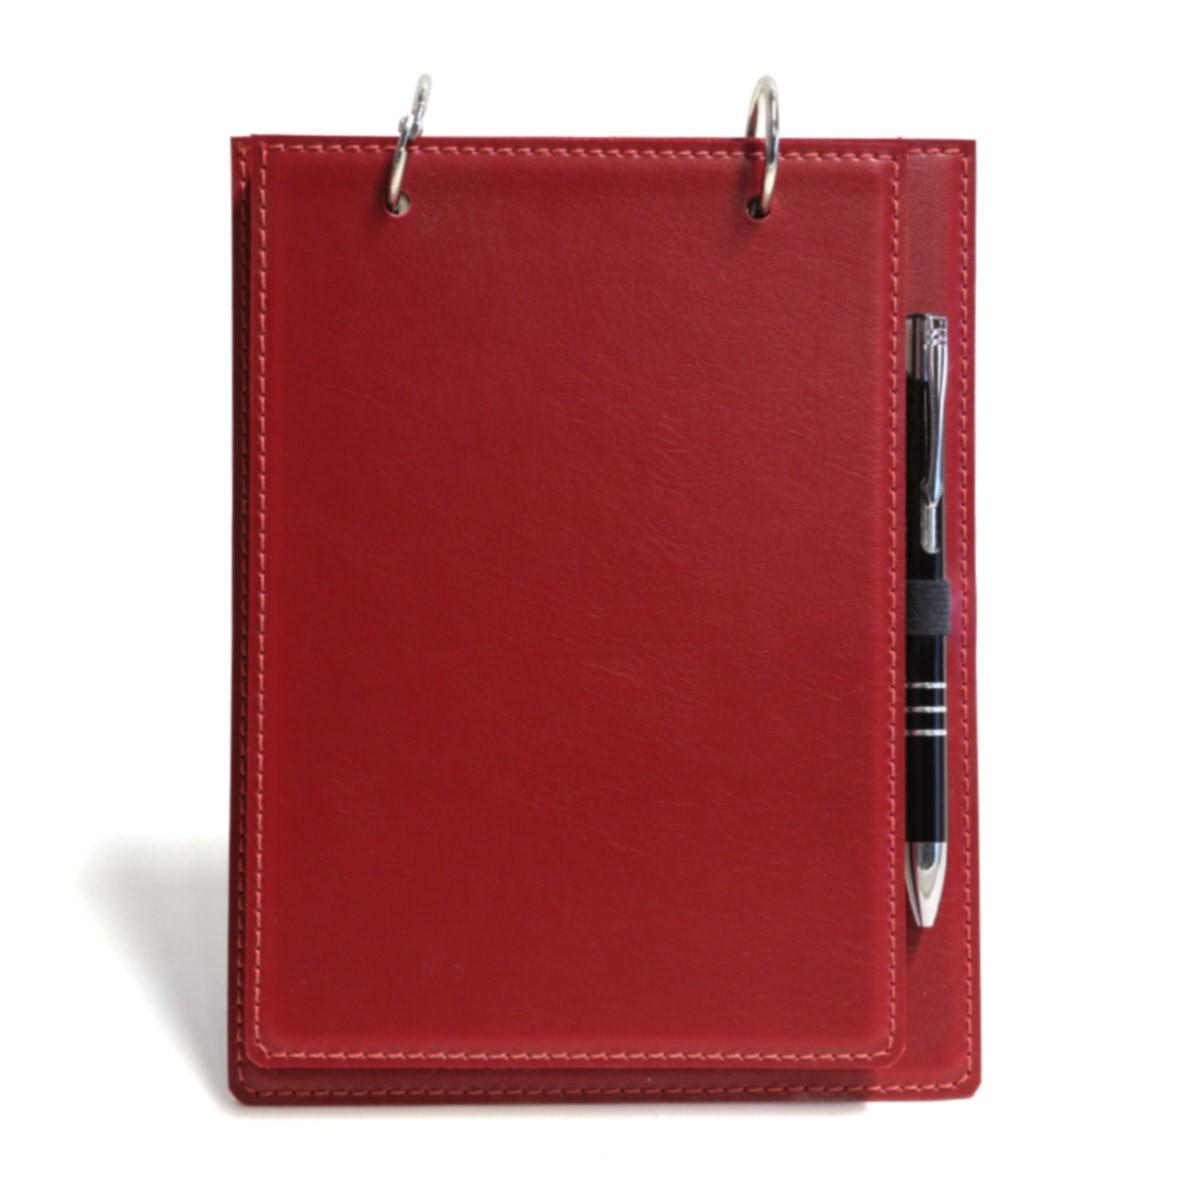 Bloco argola com caneta (Montana Vermelho)